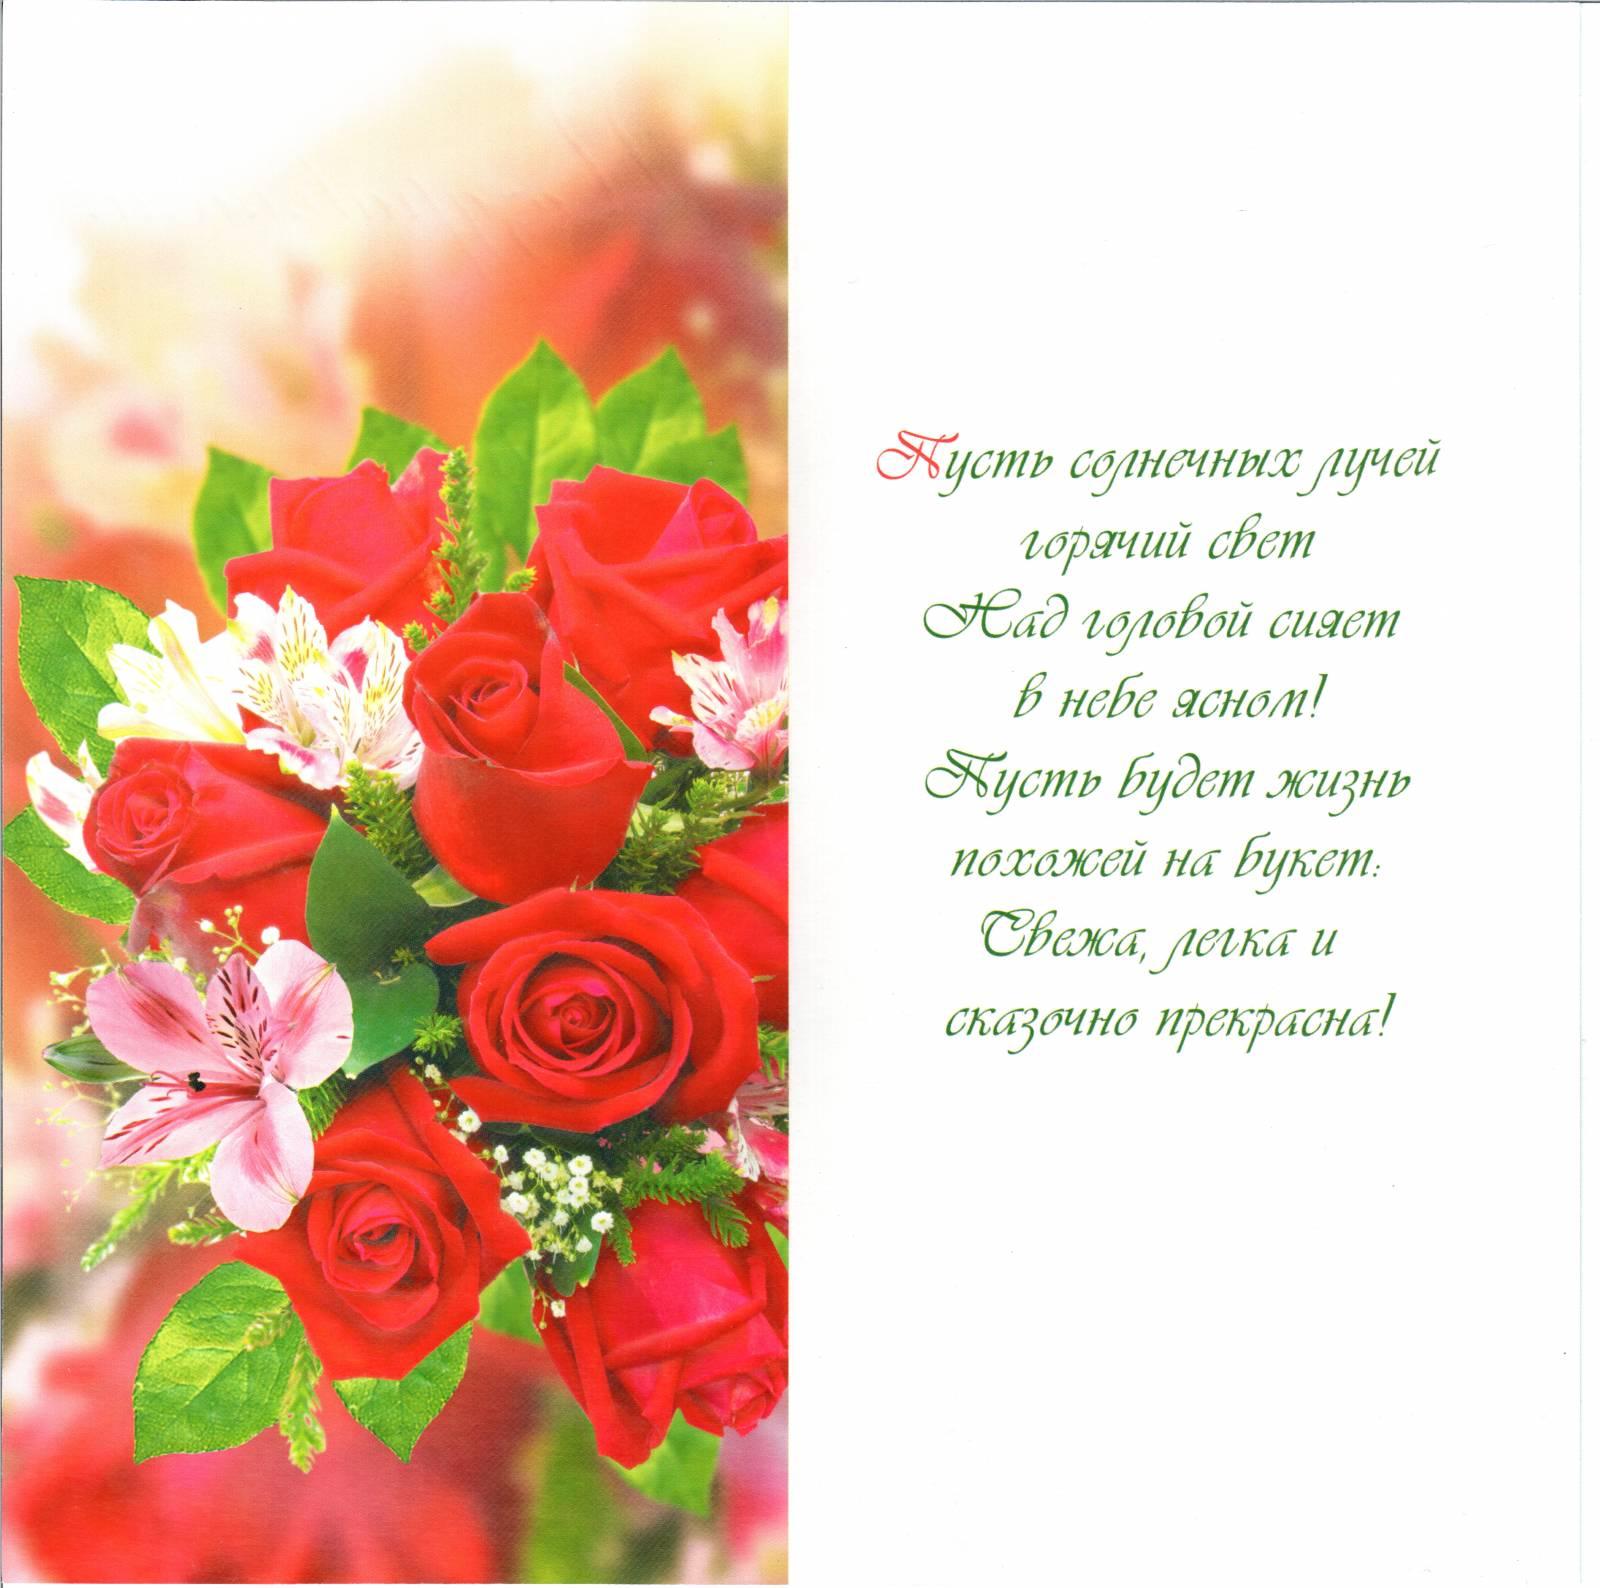 Поздравления с днем рождения на башкирском языке 10